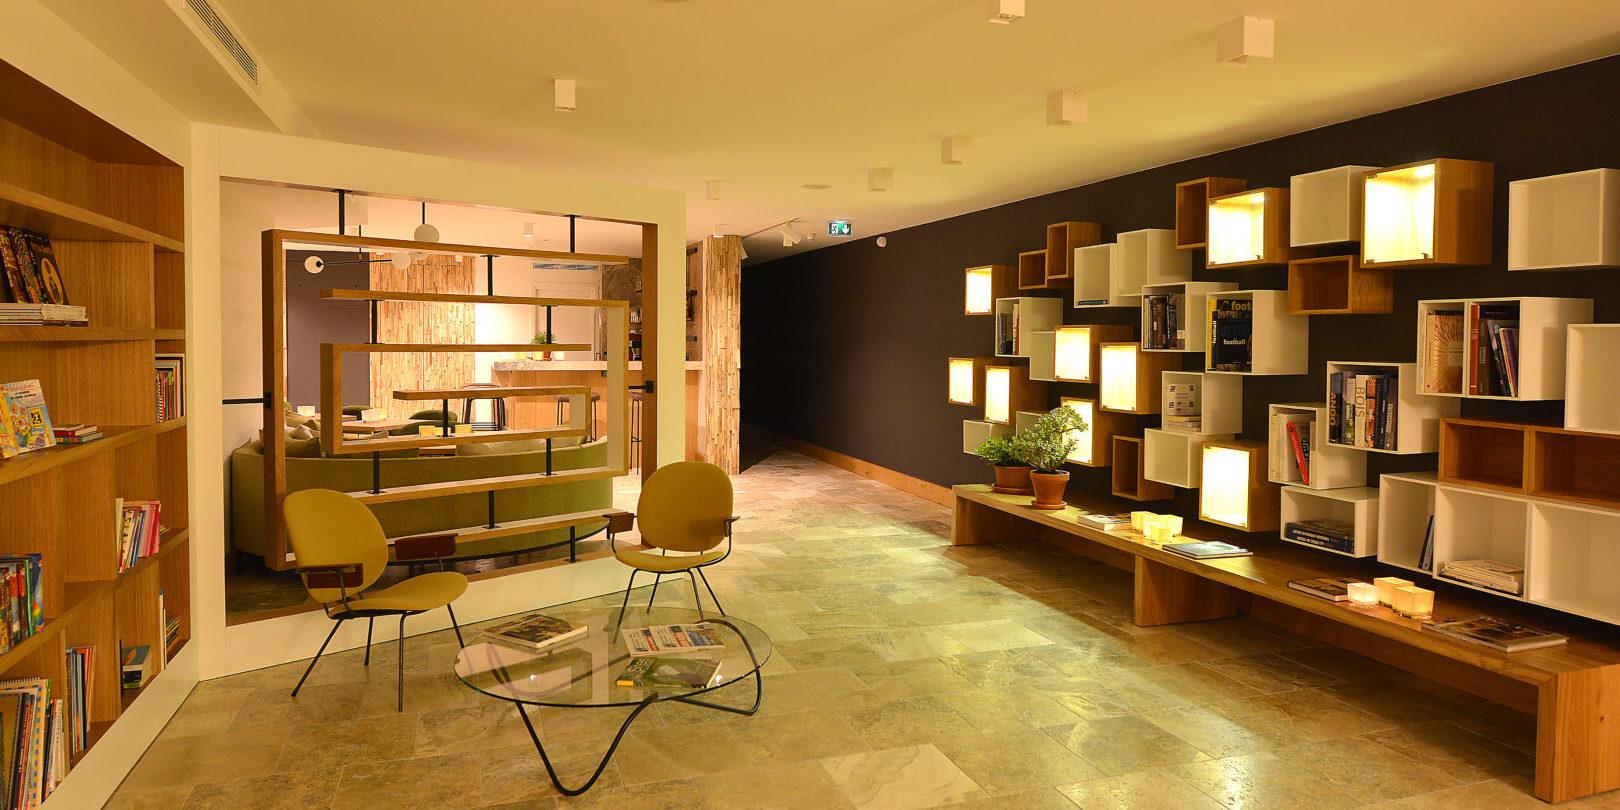 Hotel Dominique Colonna Corte Restonica binnenland Corsica Frankrijk lounge salon